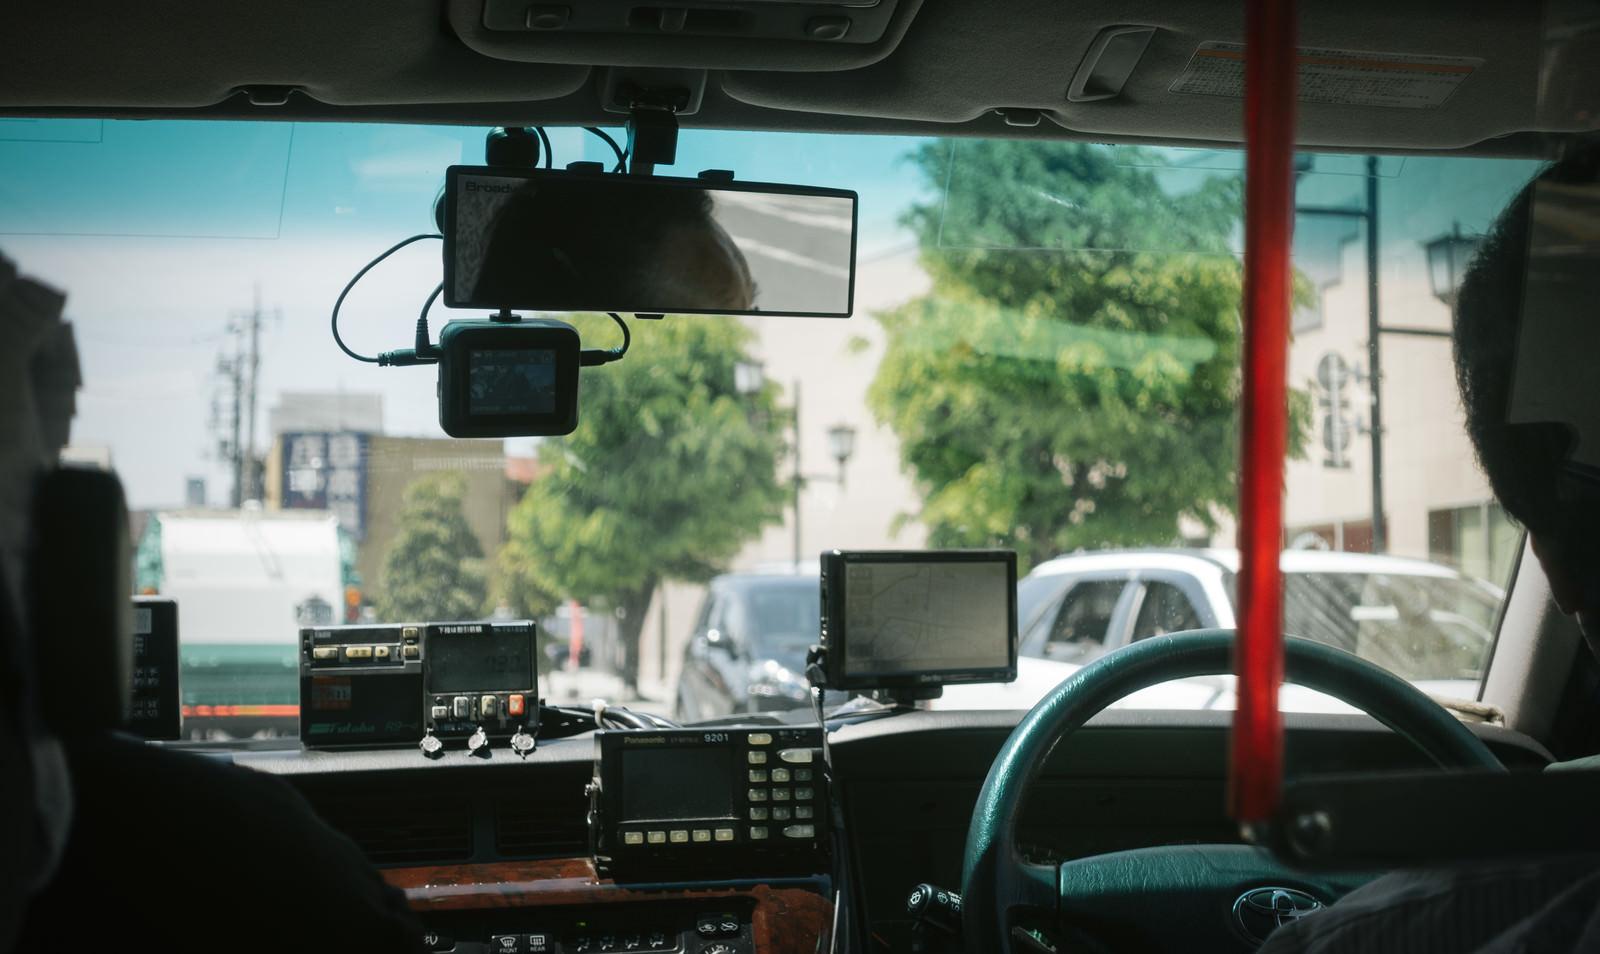 「タクシーの後部座席タクシーの後部座席」のフリー写真素材を拡大